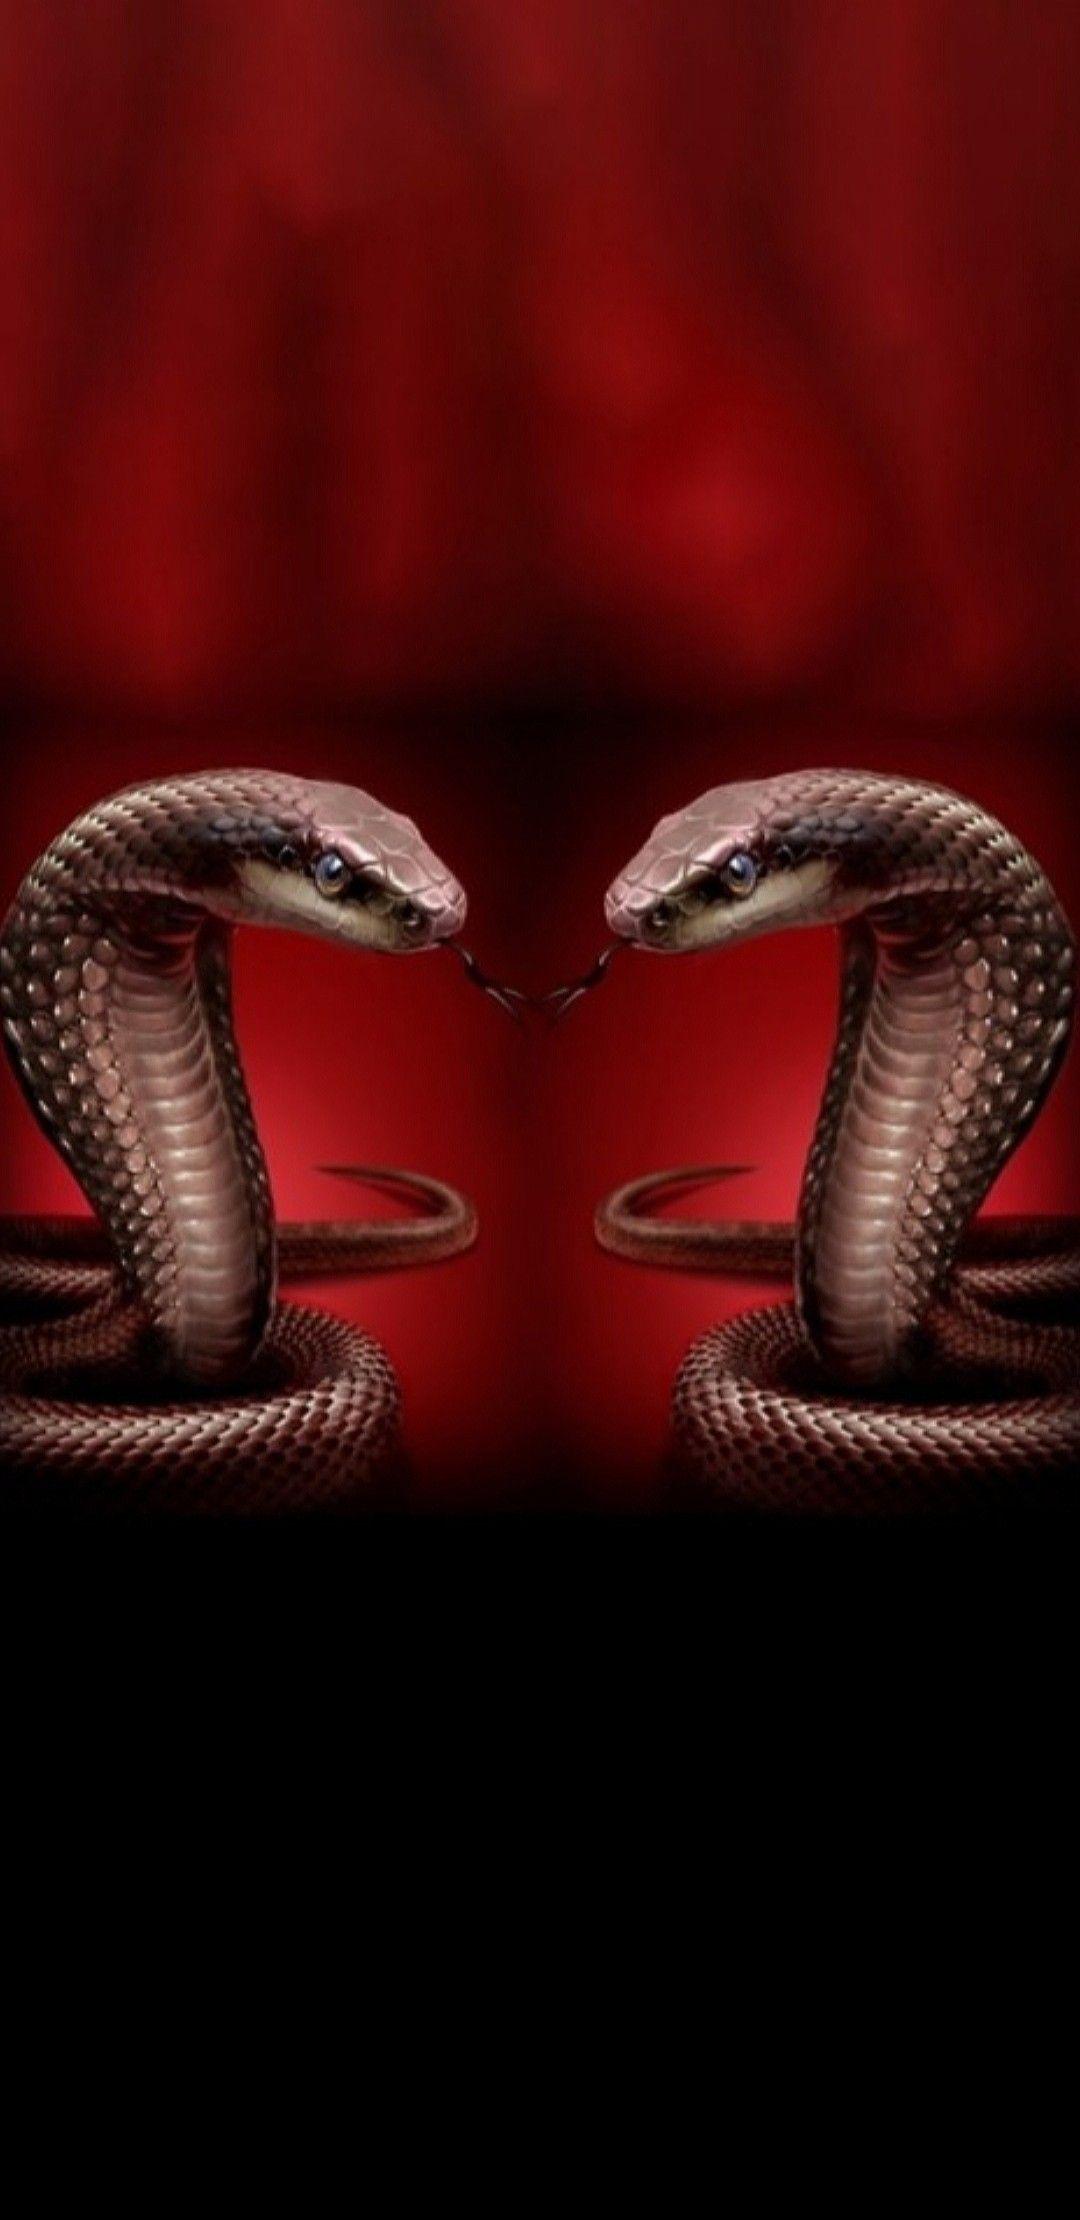 Idea by NikklaDesigns on Snake Wallpaper Snake wallpaper